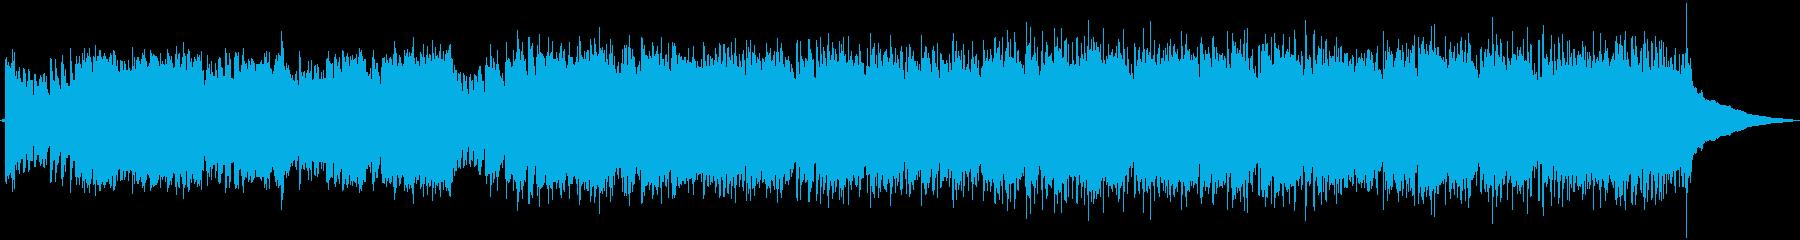 オープニング・哀愁感漂うフラメンコの再生済みの波形